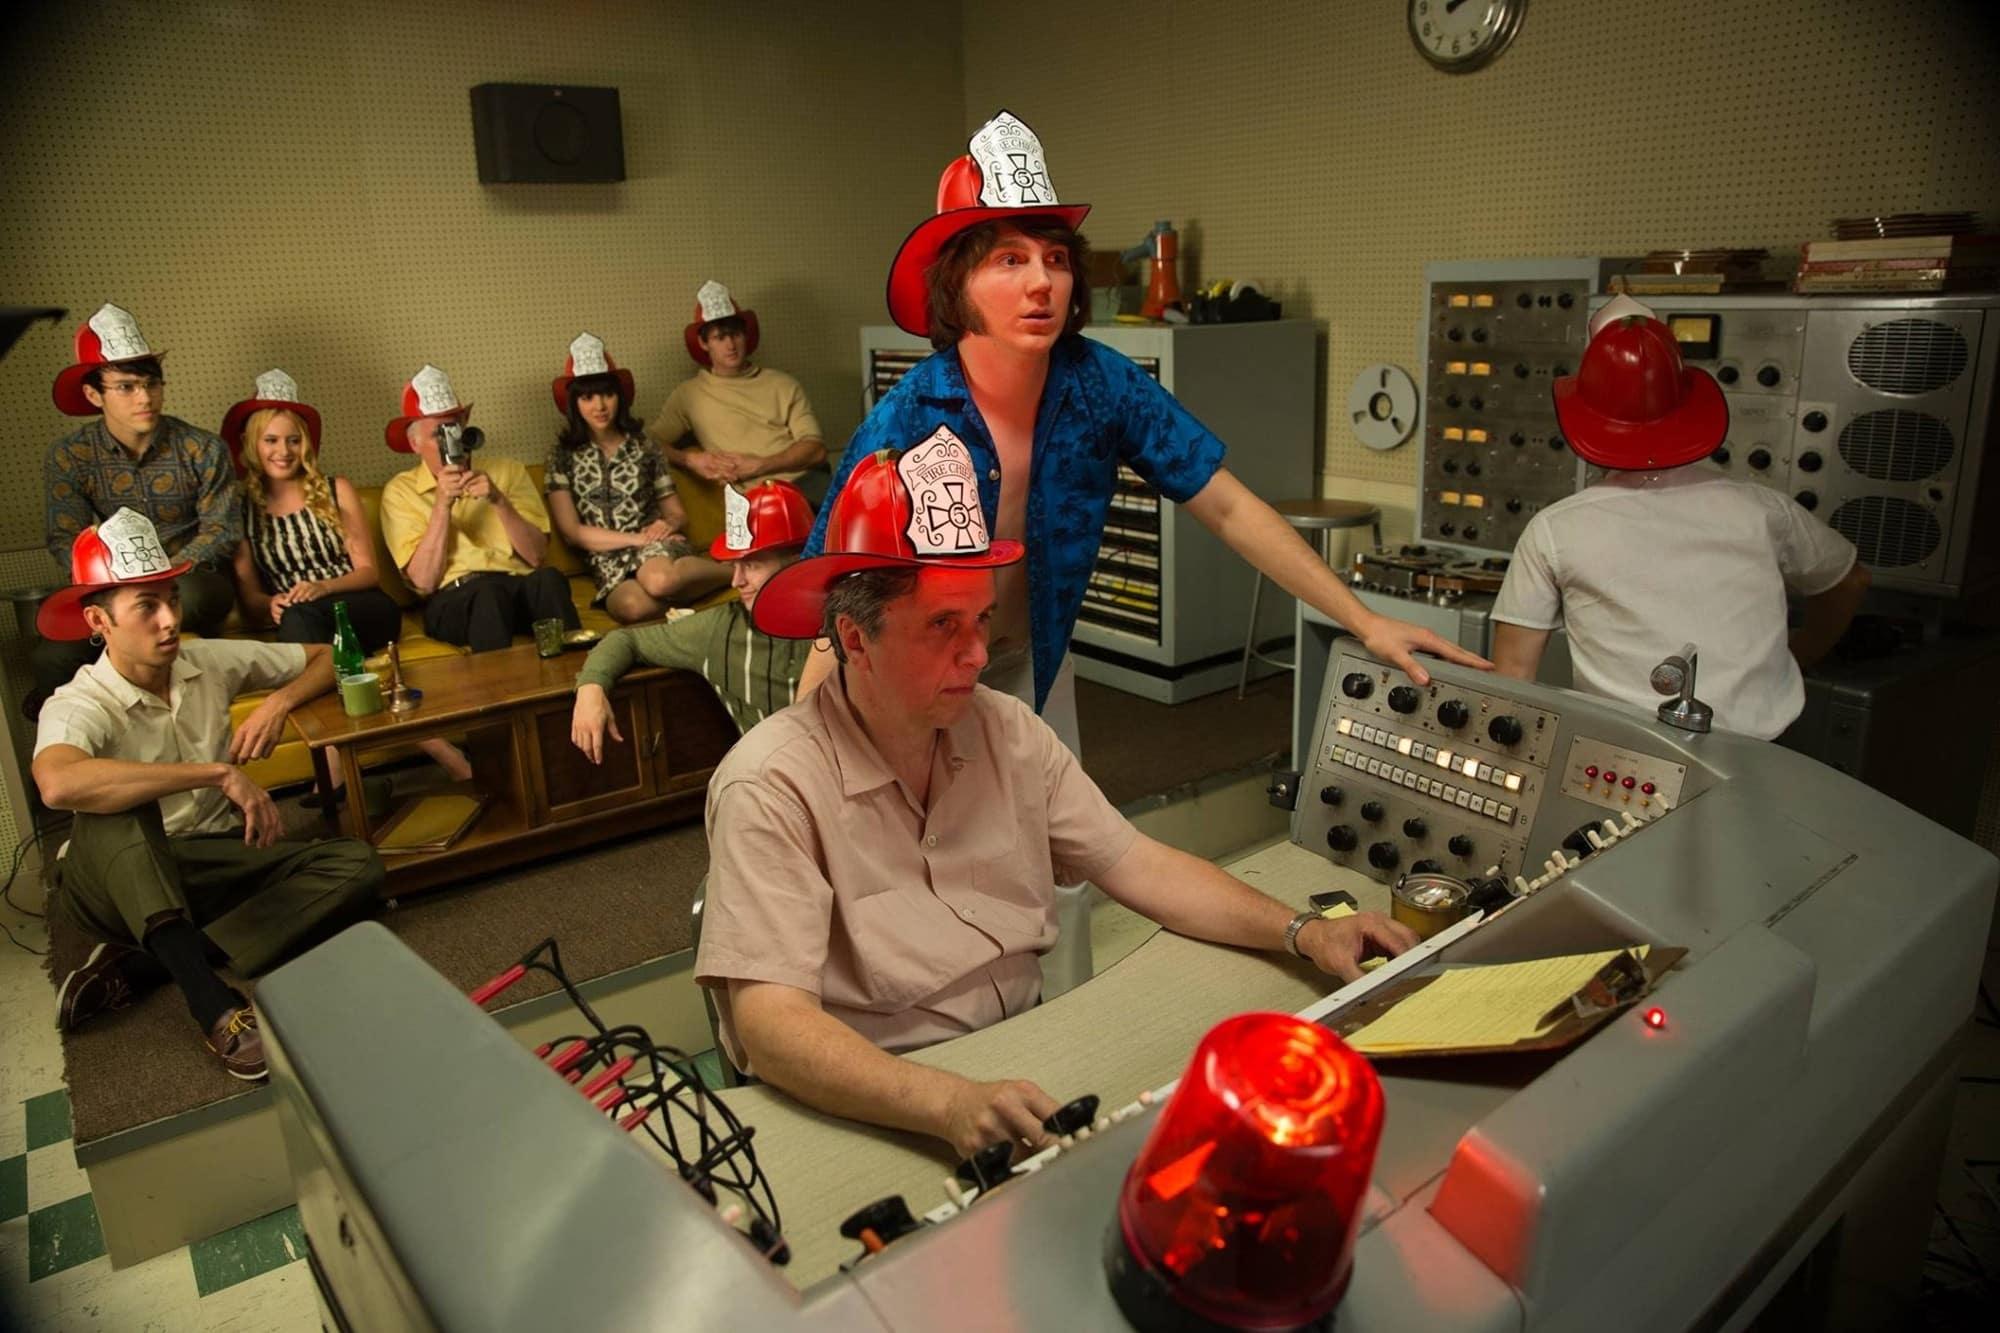 Paul Dano da vida a un joven Brian Wilson en los 60s, en la cinta 'Amor y Compasión' (Love & Mercy), en cines 19 de febrero. © 2015 - Roadside Attractions